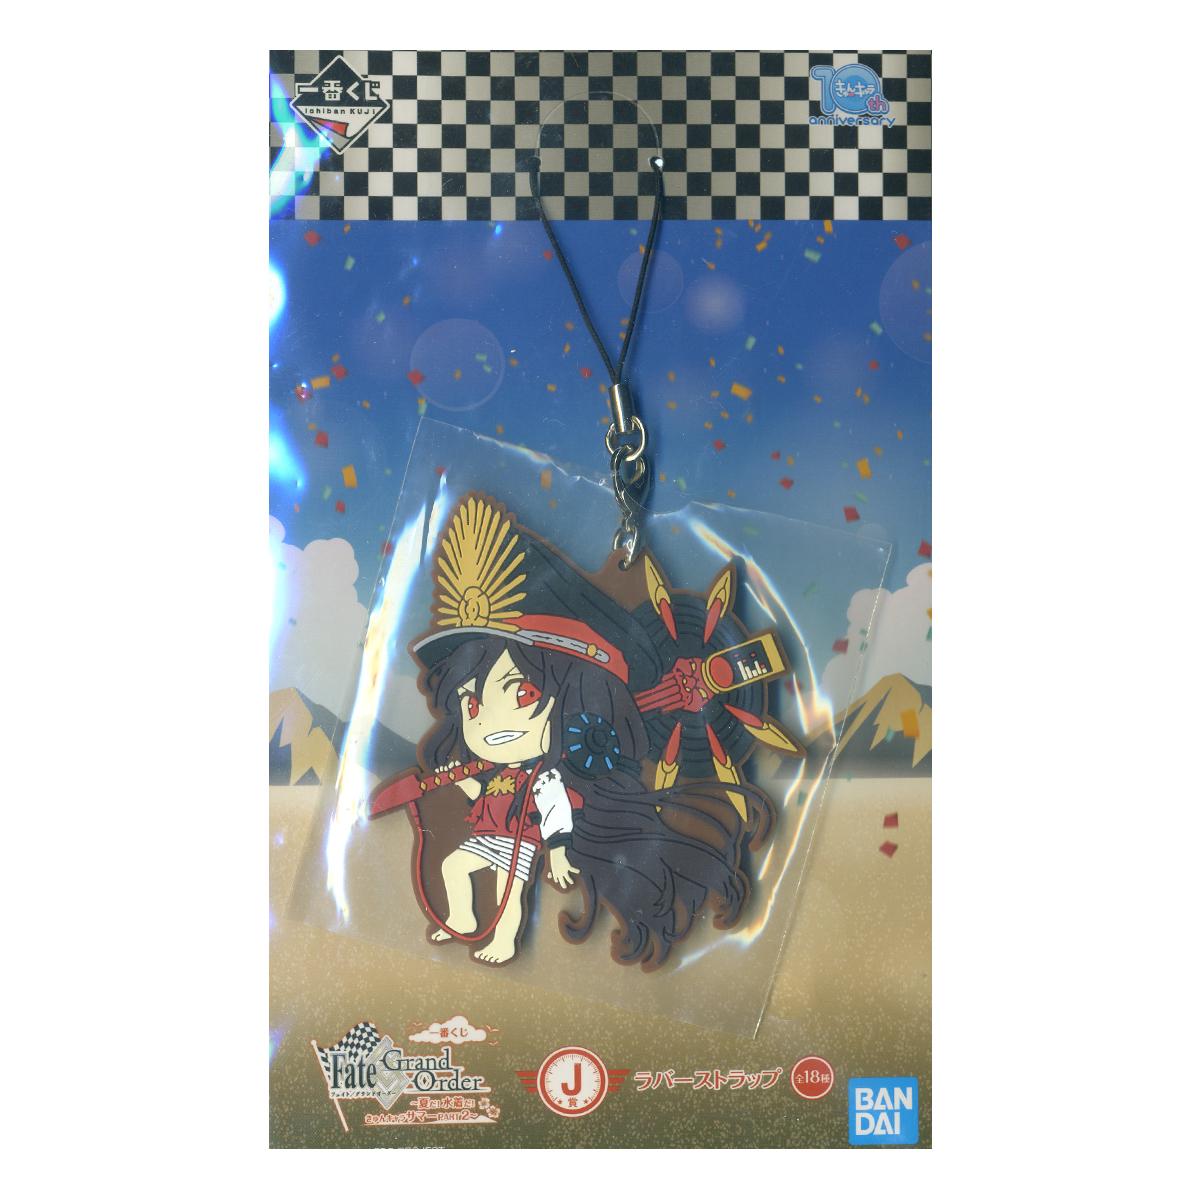 Berserker Oda Nobunaga Rubber Strap Keychain Fate Grand Order J Award Kyun Chara Summer PART 2  Ichiban kuji Lottery Banpresto